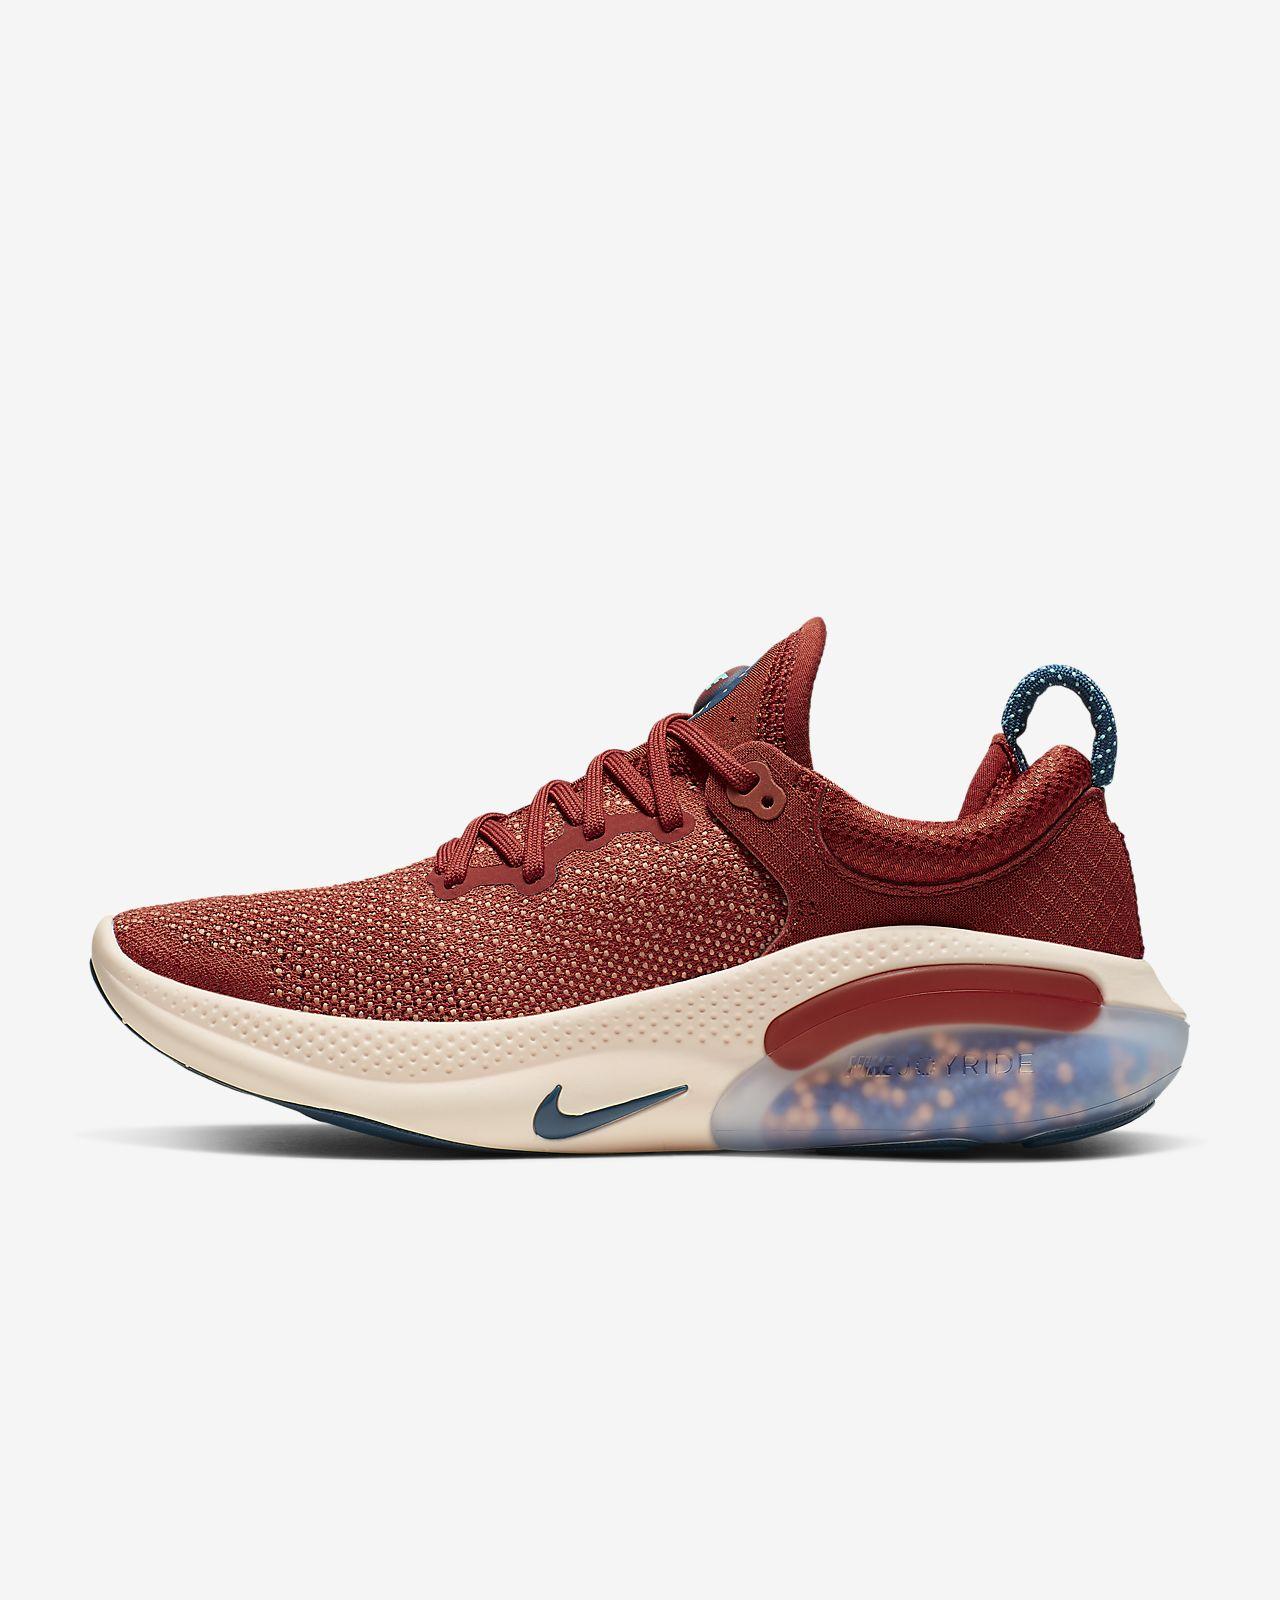 Chaussure de running Nike Joyride Run Flyknit pour Femme